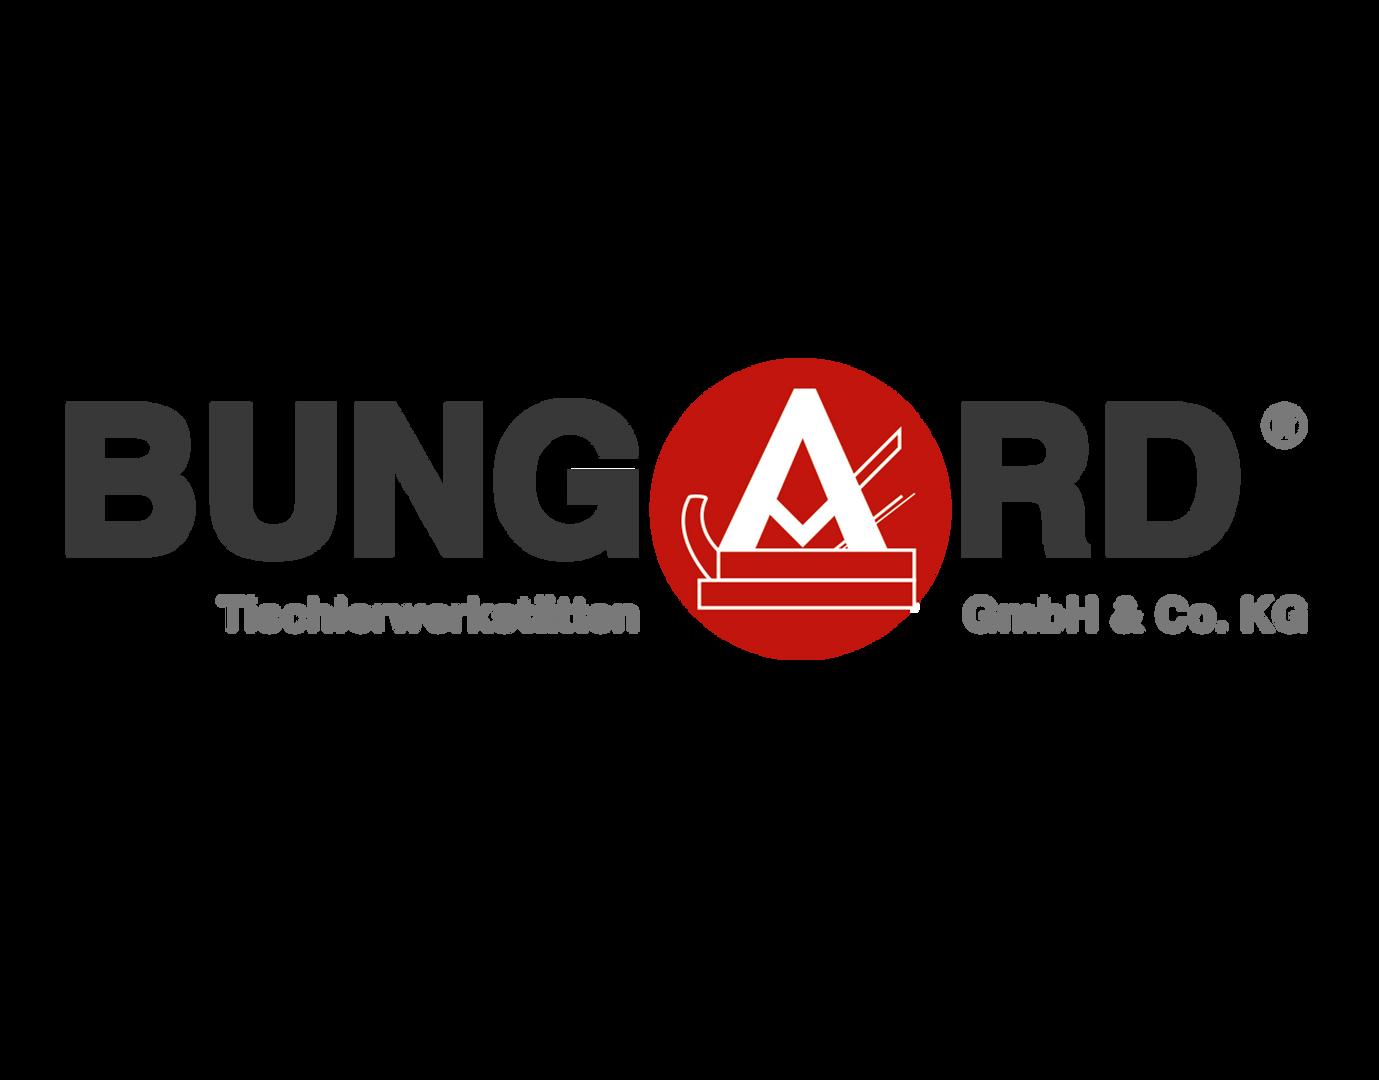 Logo_Bungard.png